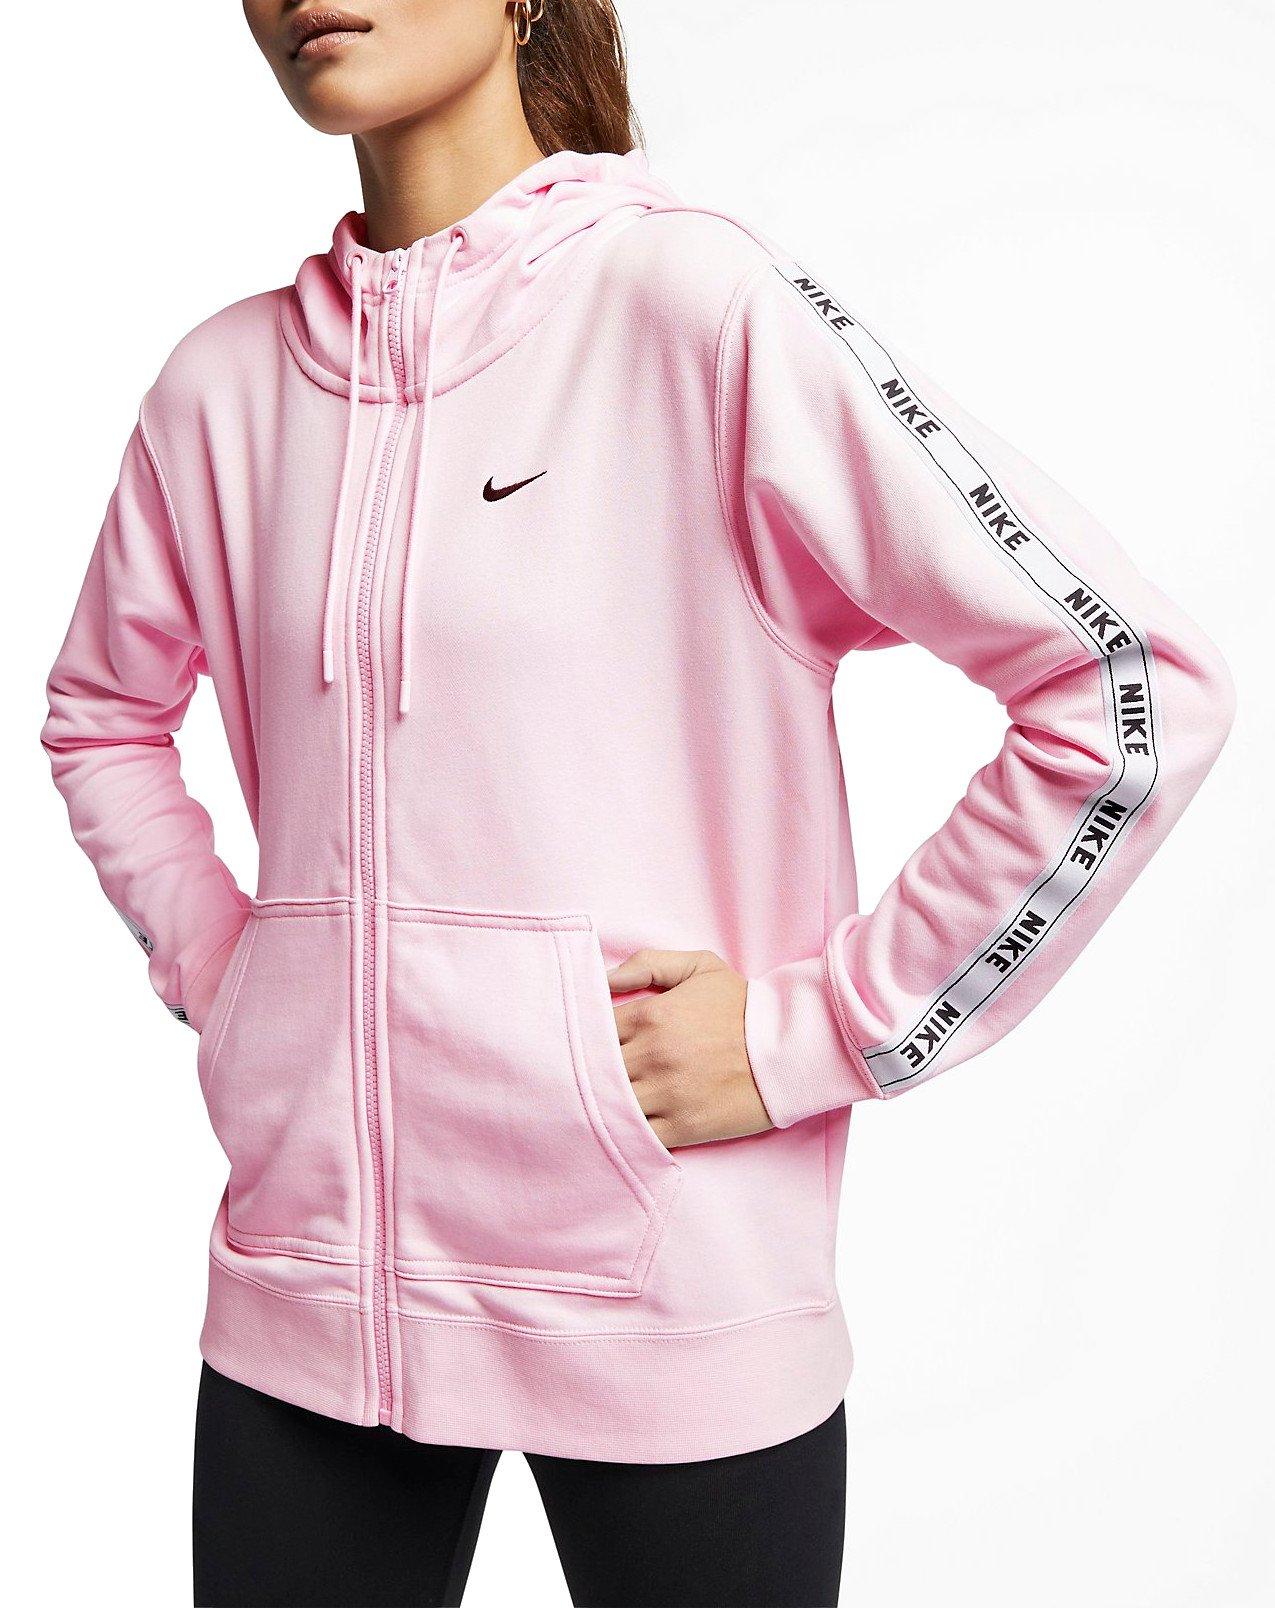 Női Rózsaszín Nike Kapucnis Melegítők